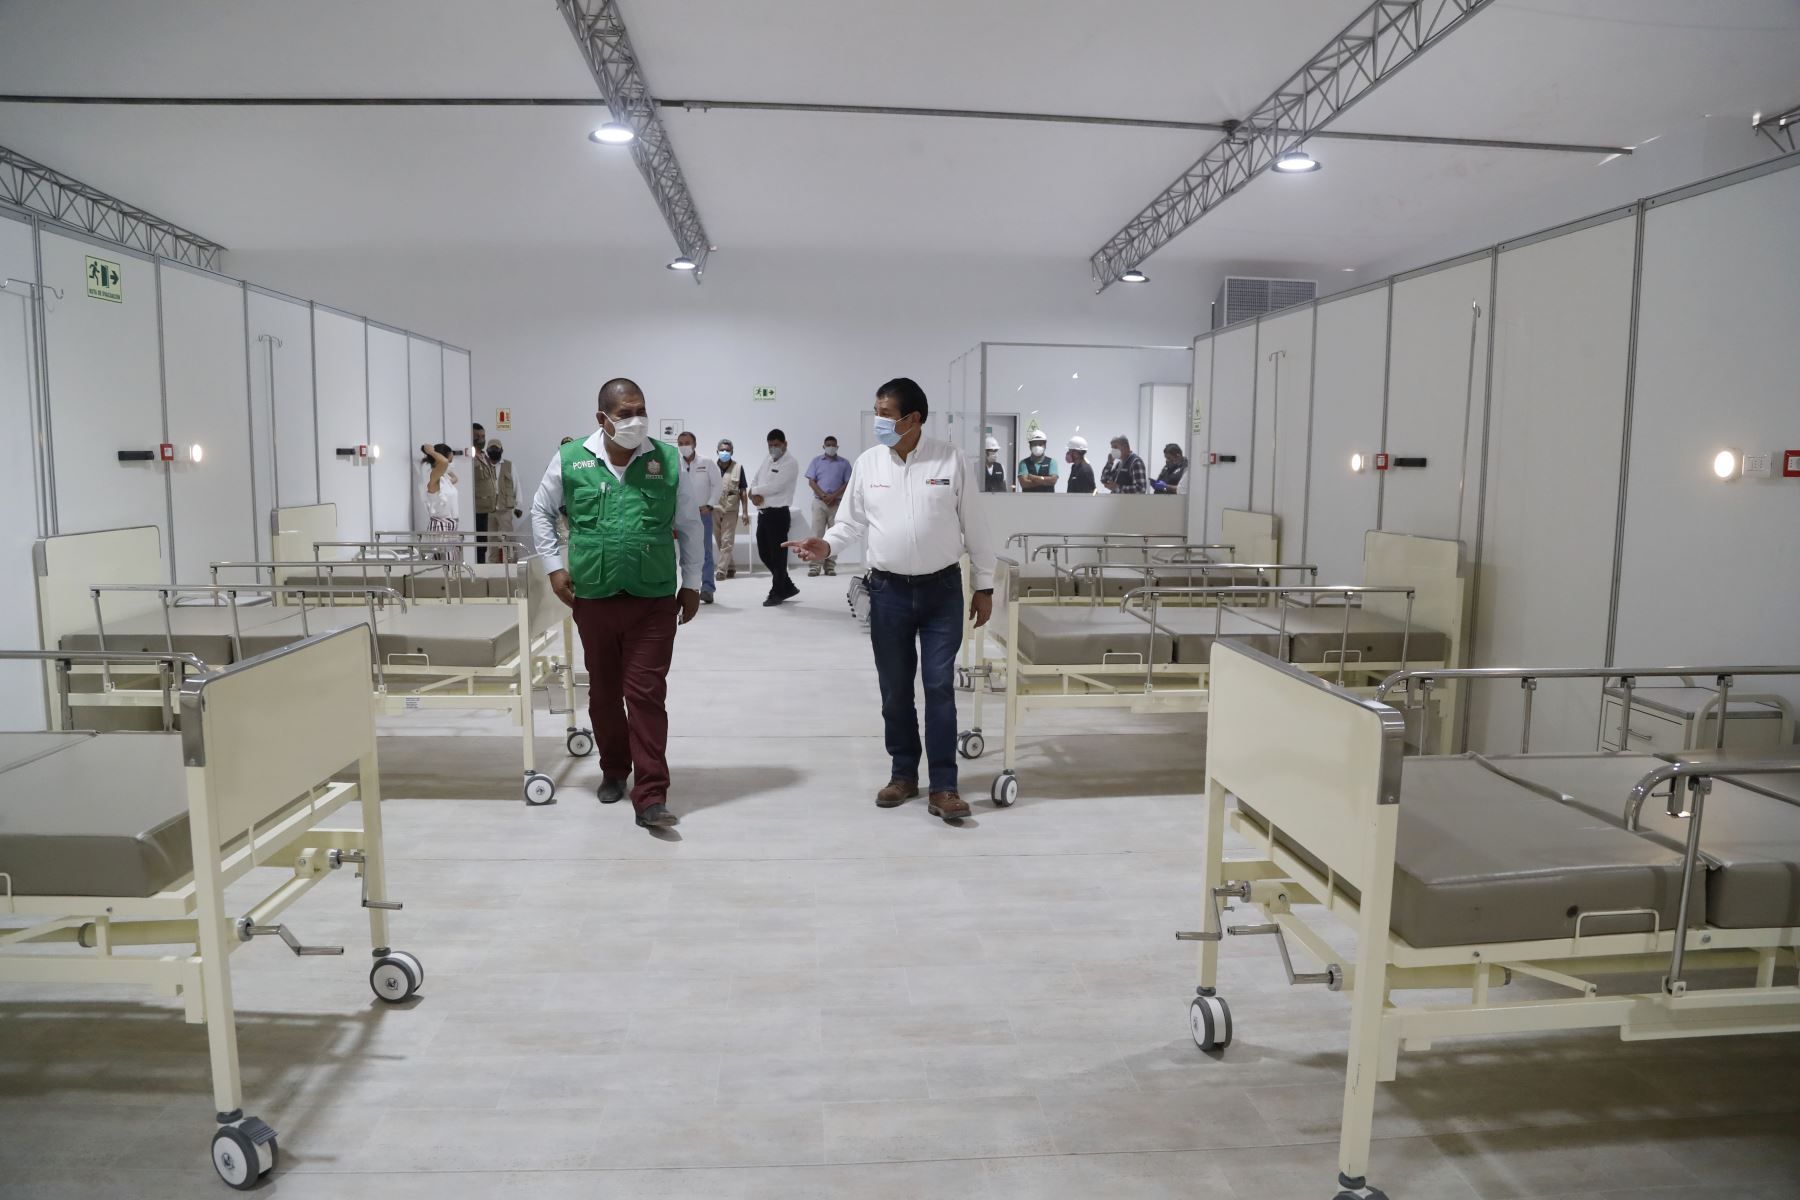 Ministro de Vivienda, Rodolfo Yañez viaja a la región Piura para inspeccionar la próxima planta de tratamiento de aguas residuales PTAR y el hospital de campaña en el campo ferial de la ciudad de Sullana. Foto: Ministerio de Vivienda